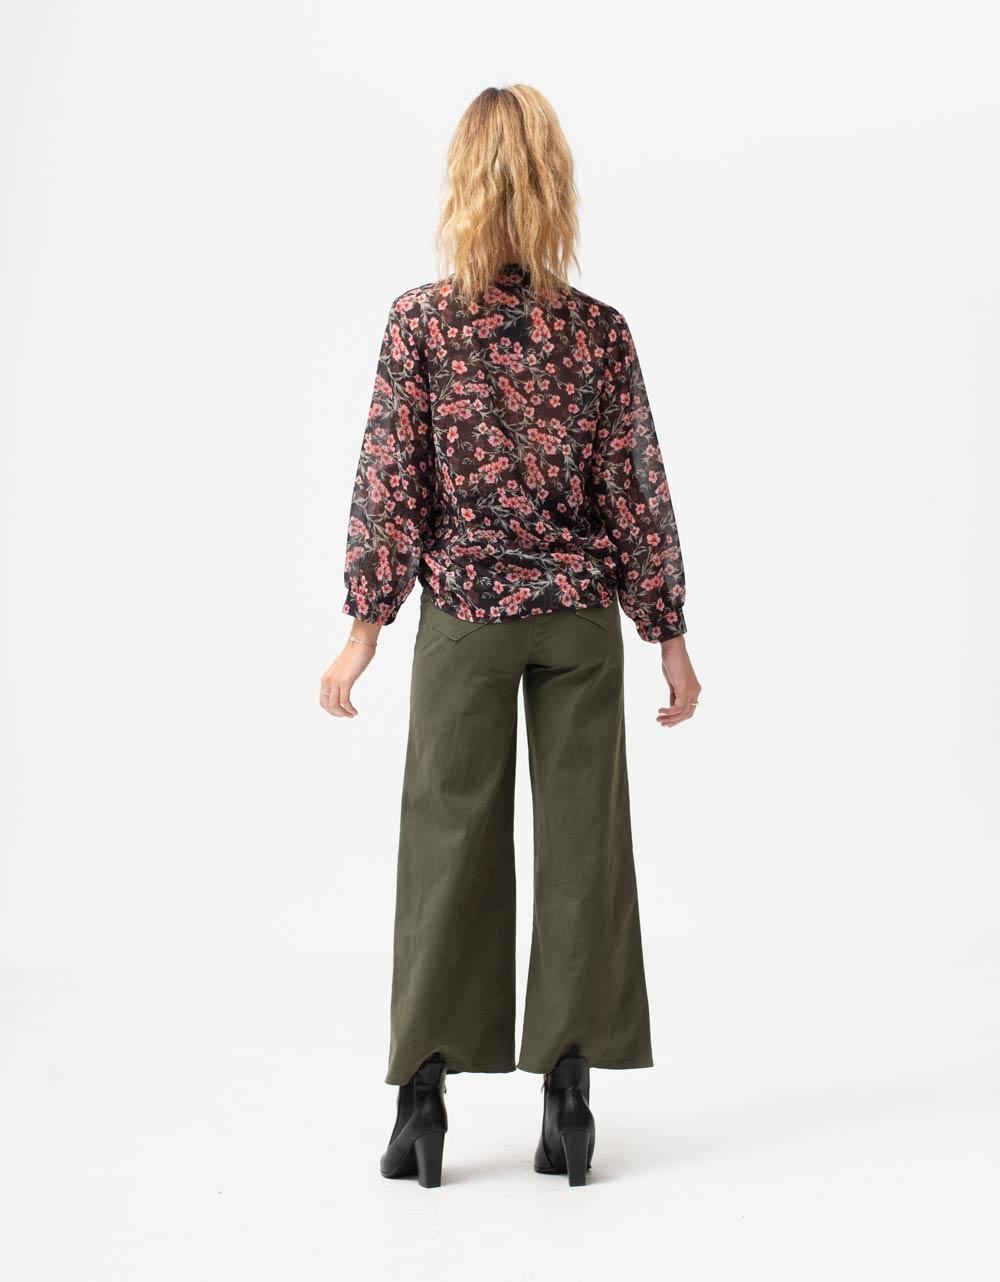 Εικόνα από Γυναικεία μπλούζα floral Μαύρο